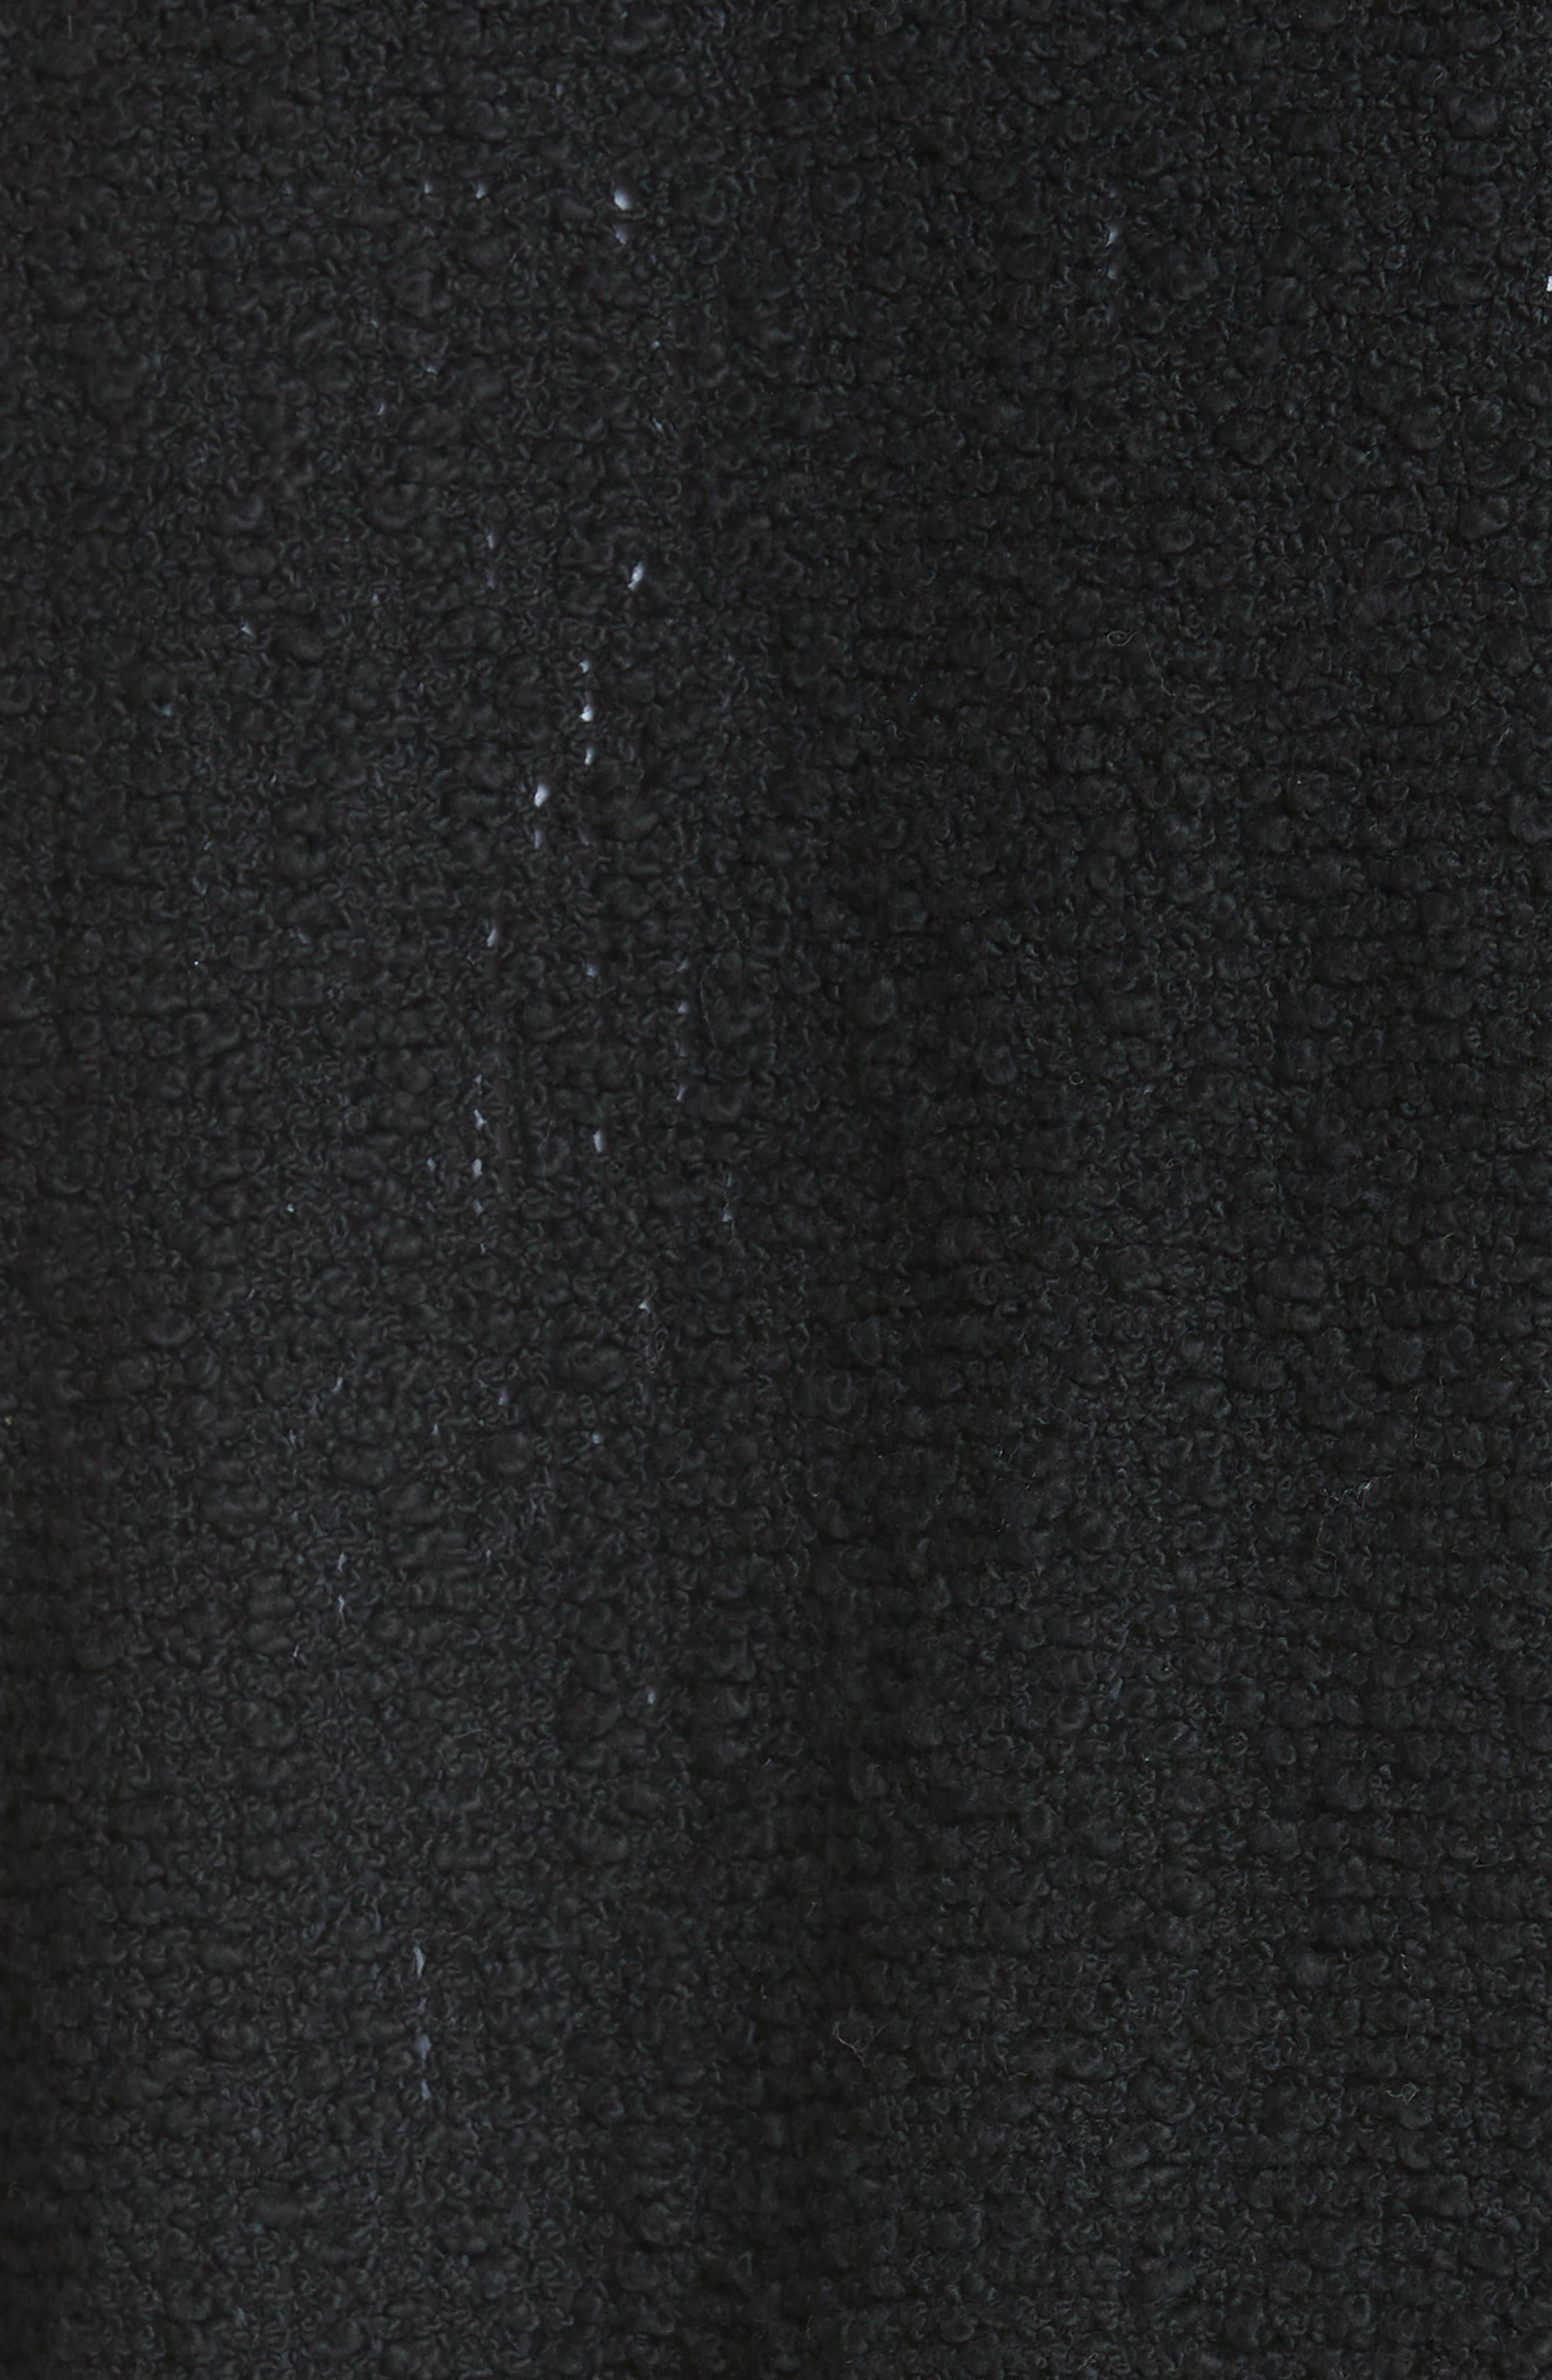 Shavani Tweed Jacket,                             Alternate thumbnail 6, color,                             001